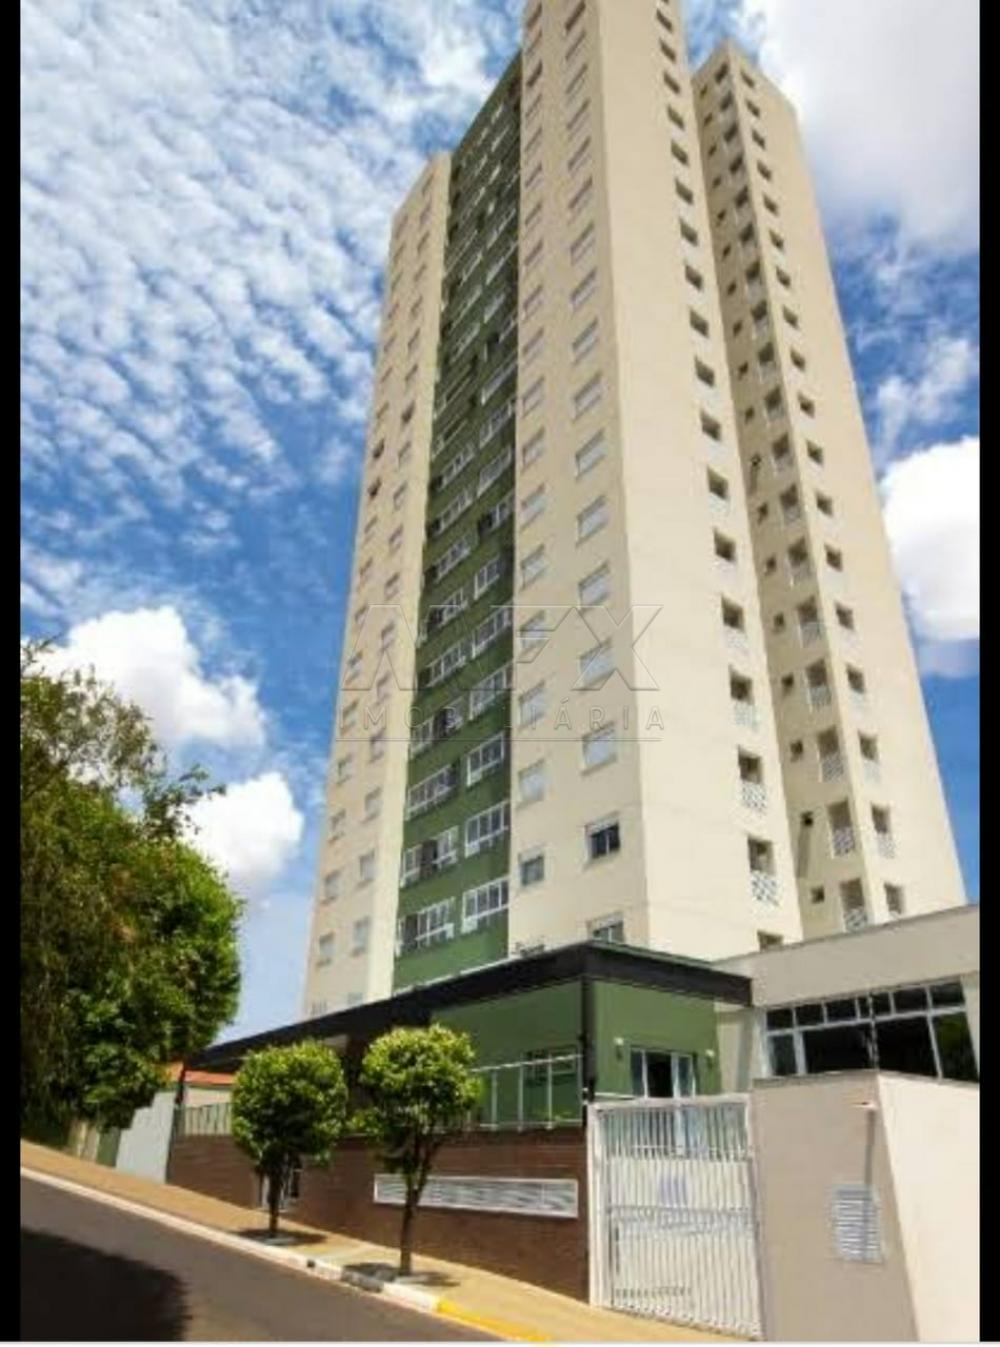 Comprar Apartamento / Padrão em Bauru R$ 390.000,00 - Foto 1